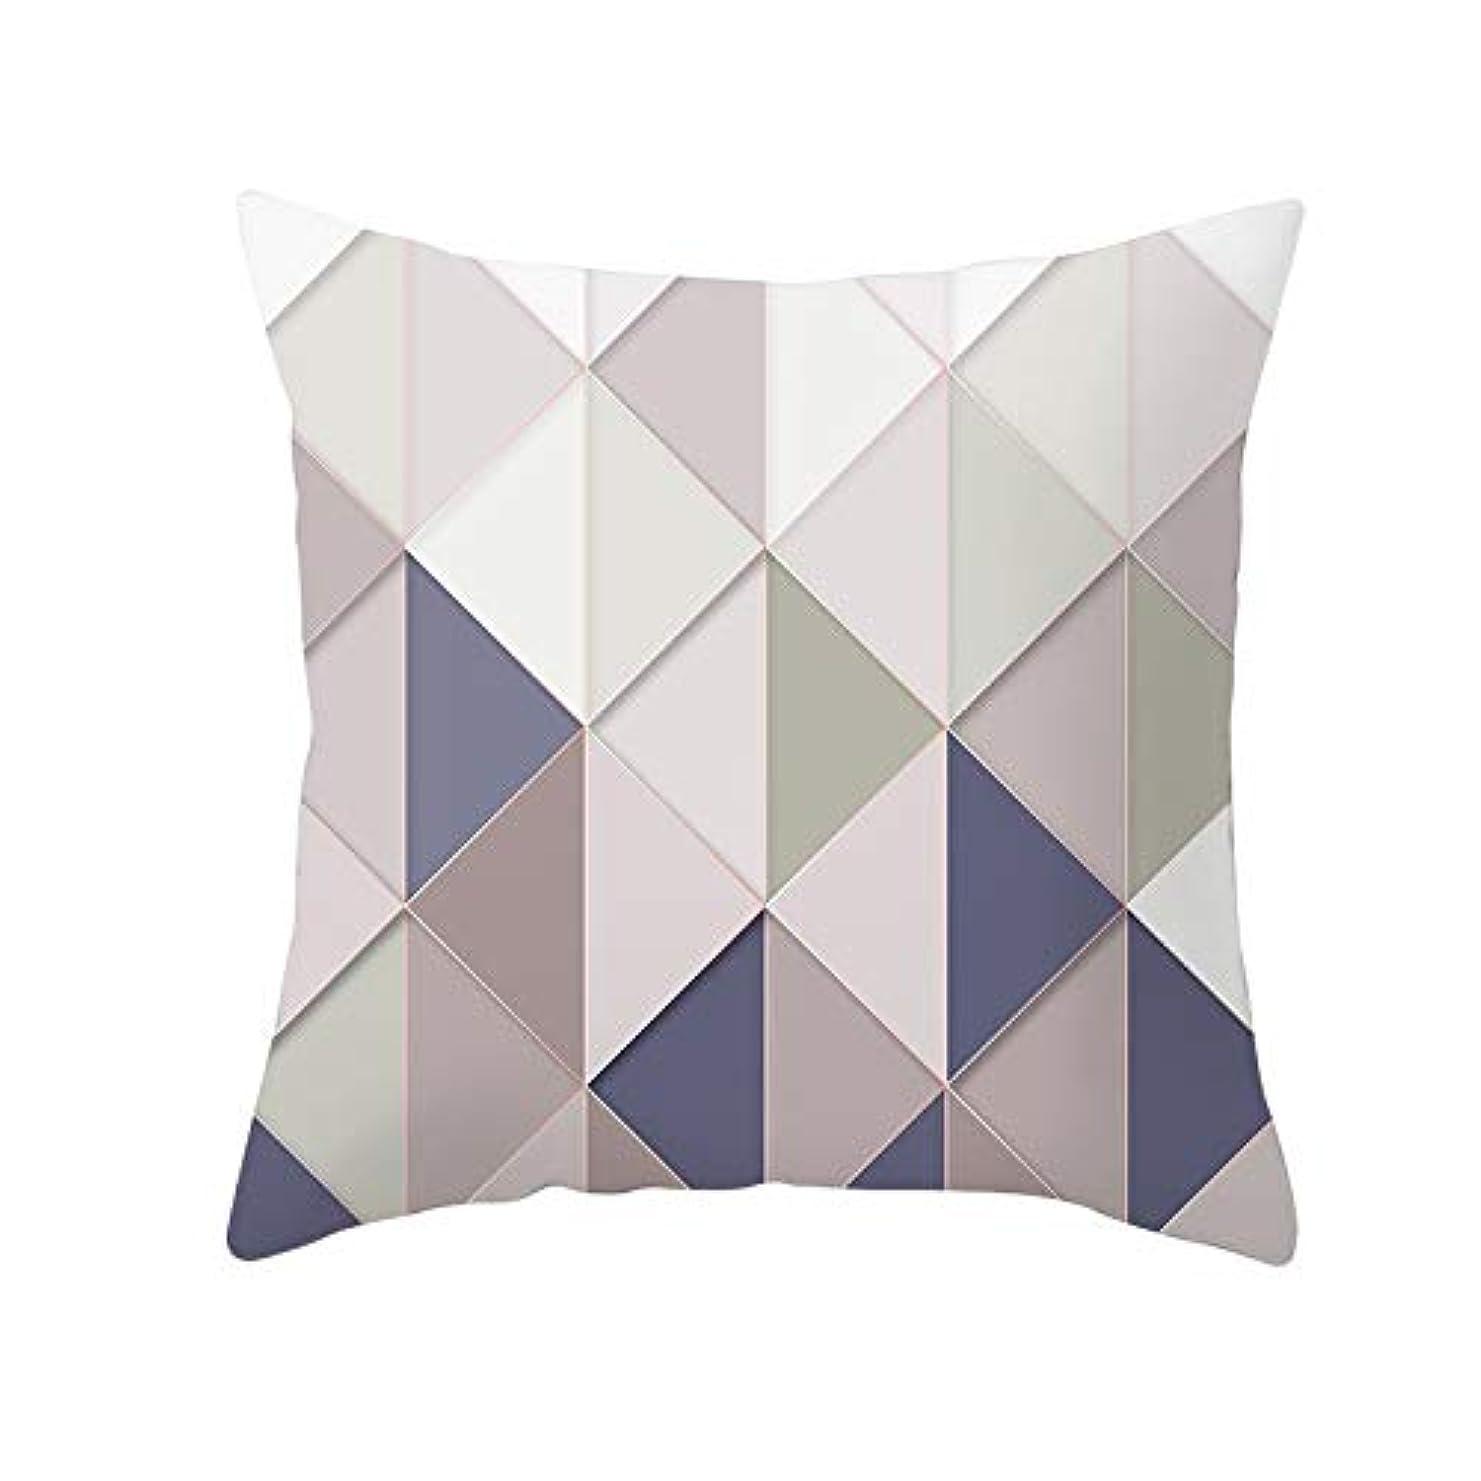 ペスト性能伝導LIFE 装飾クッションソファ 幾何学プリントポリエステル正方形の枕ソファスロークッション家の装飾 coussin デ長椅子 クッション 椅子